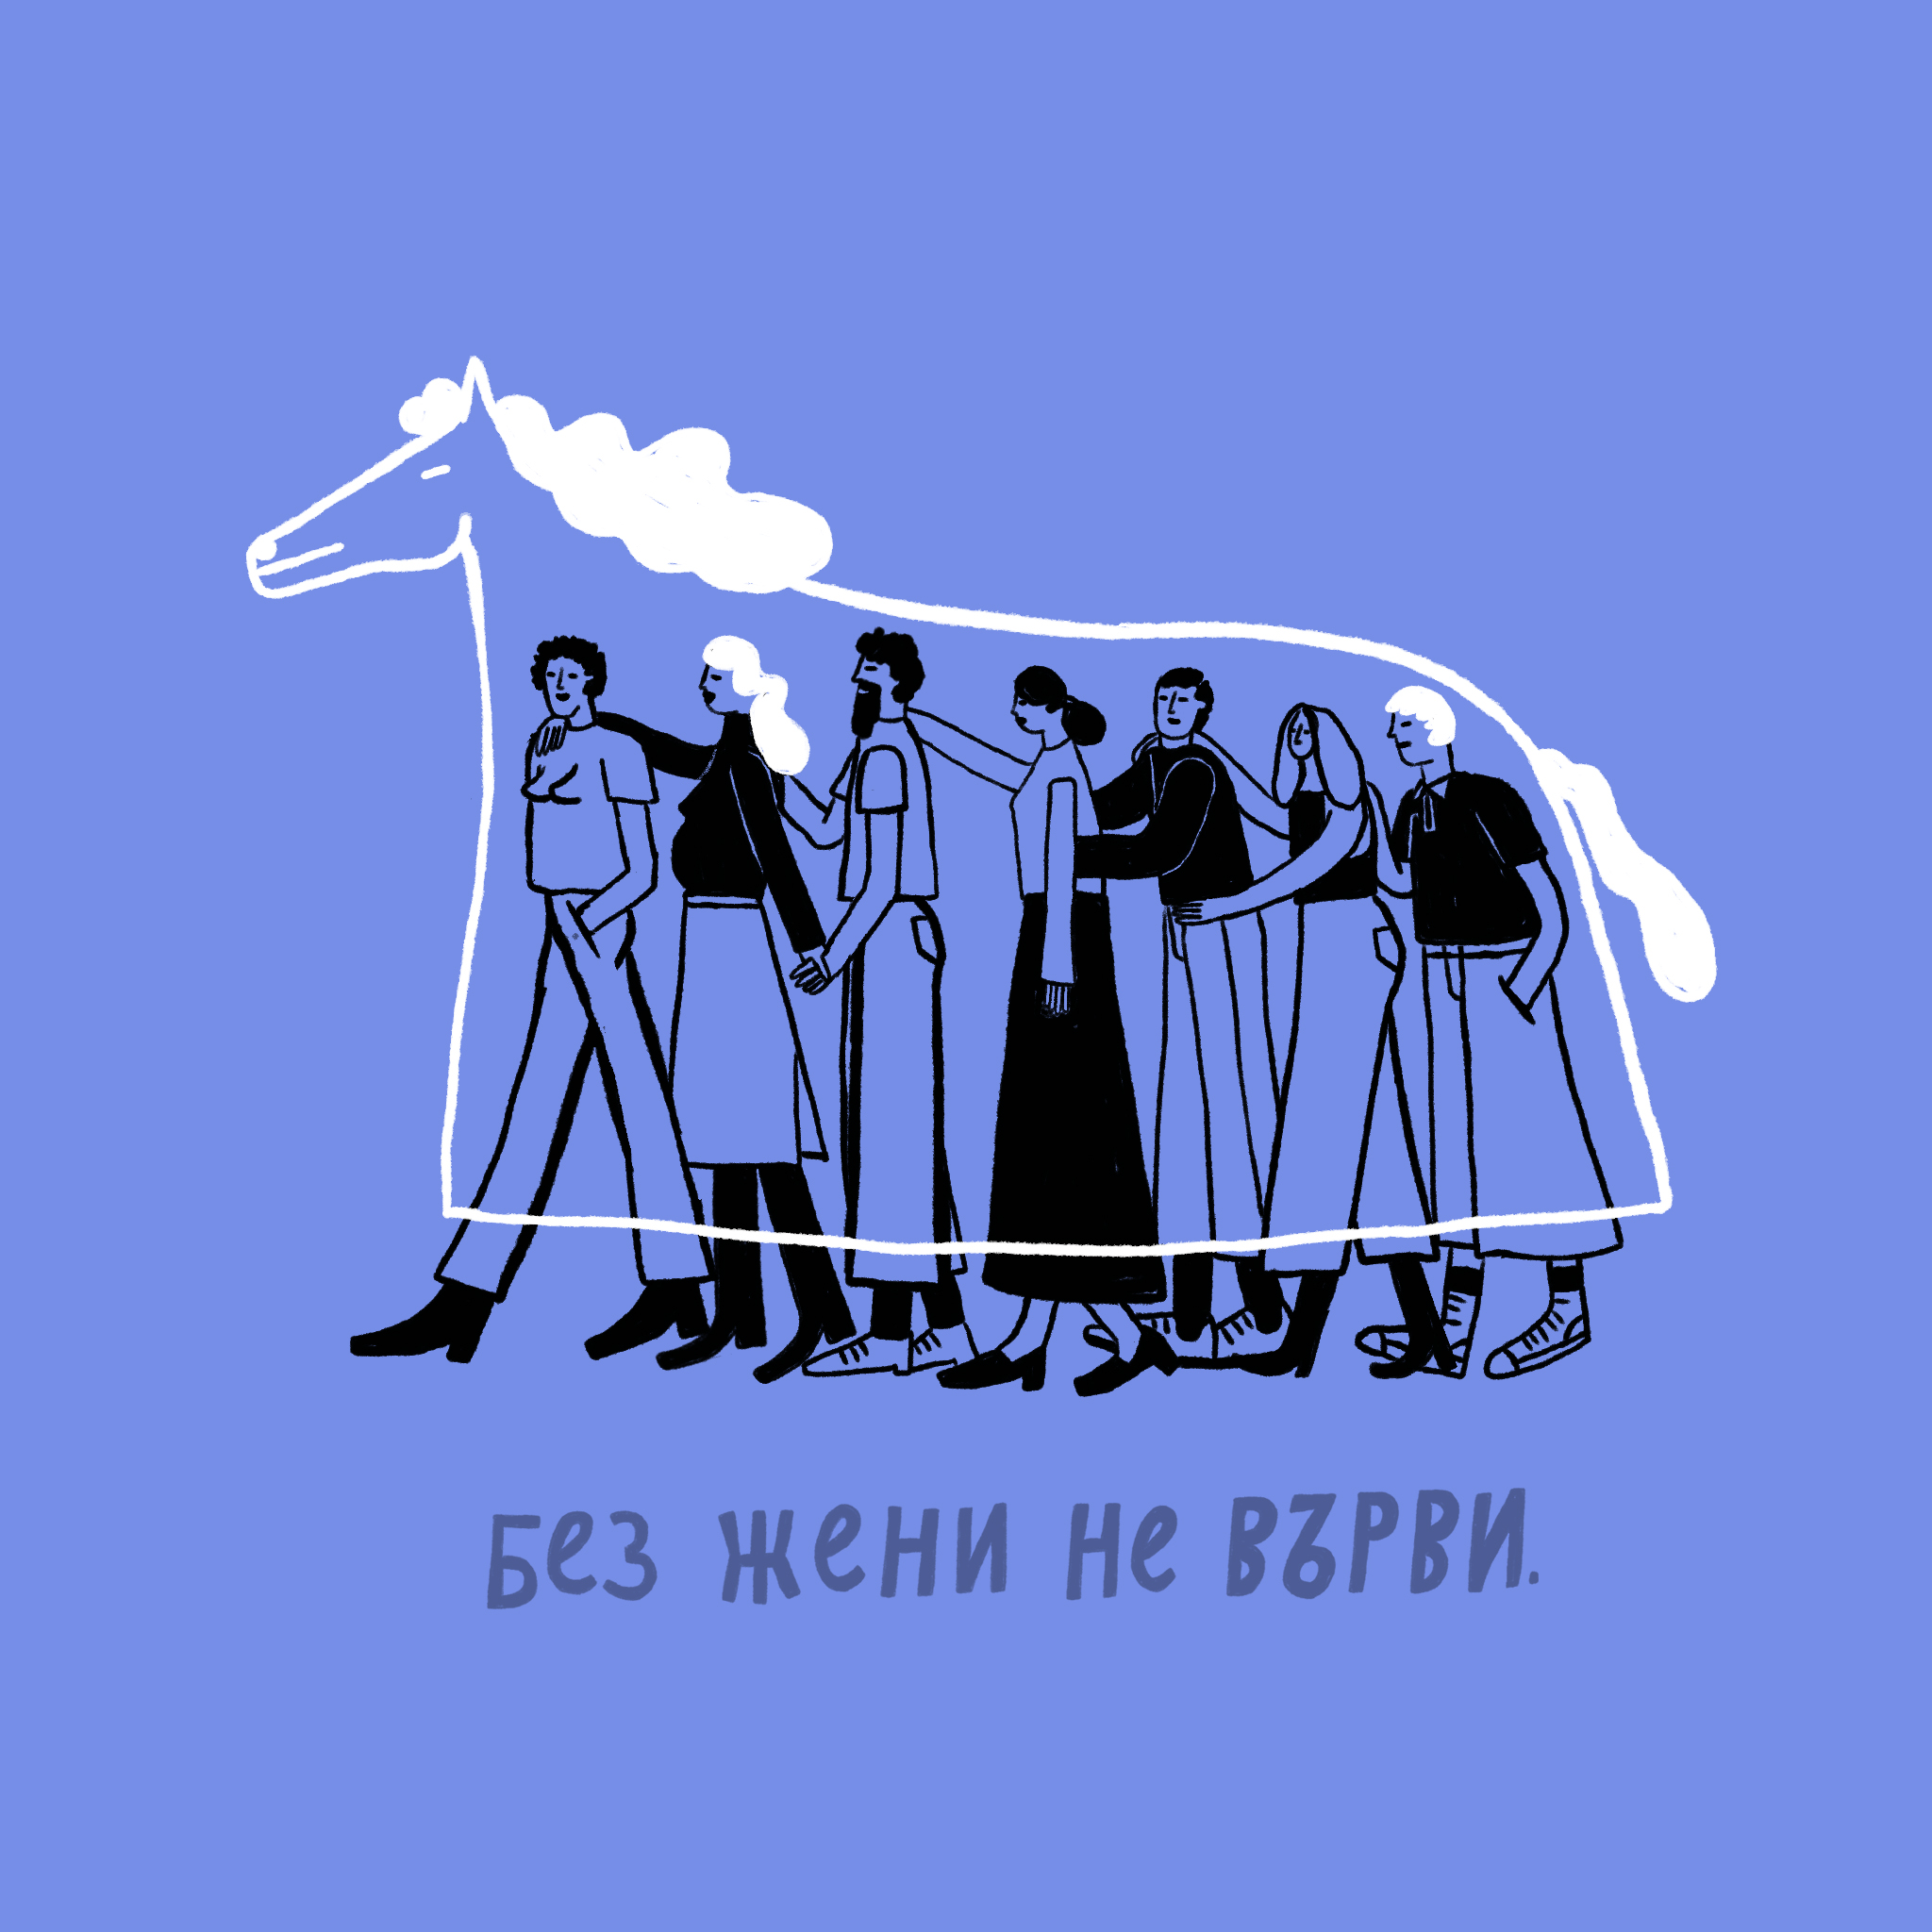 Rozalina Burkova_Horse_Social Media_V02.jpg